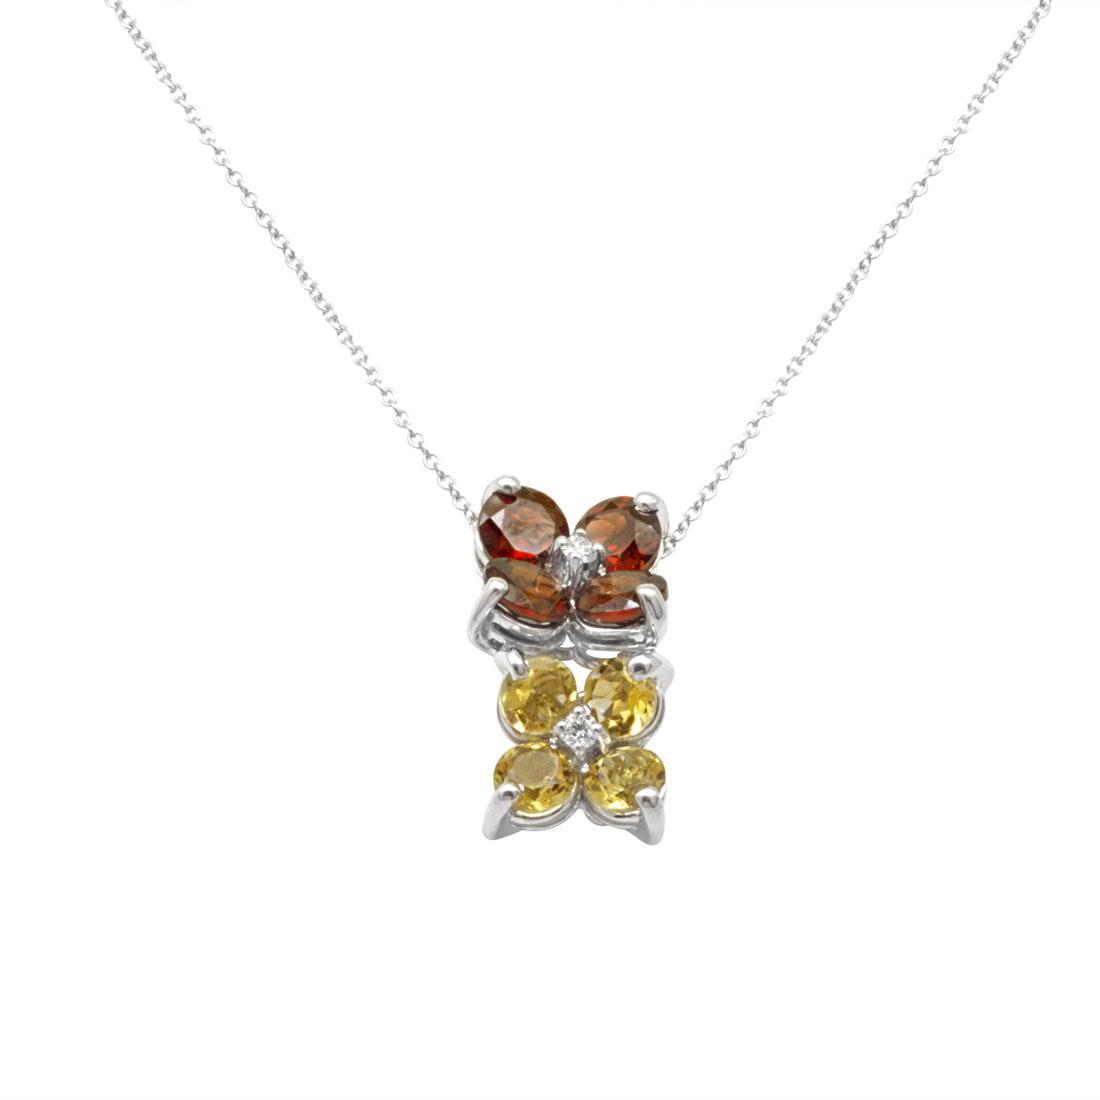 Collana in oro bianco con pietre preziose - ALFIERI ST JOHN